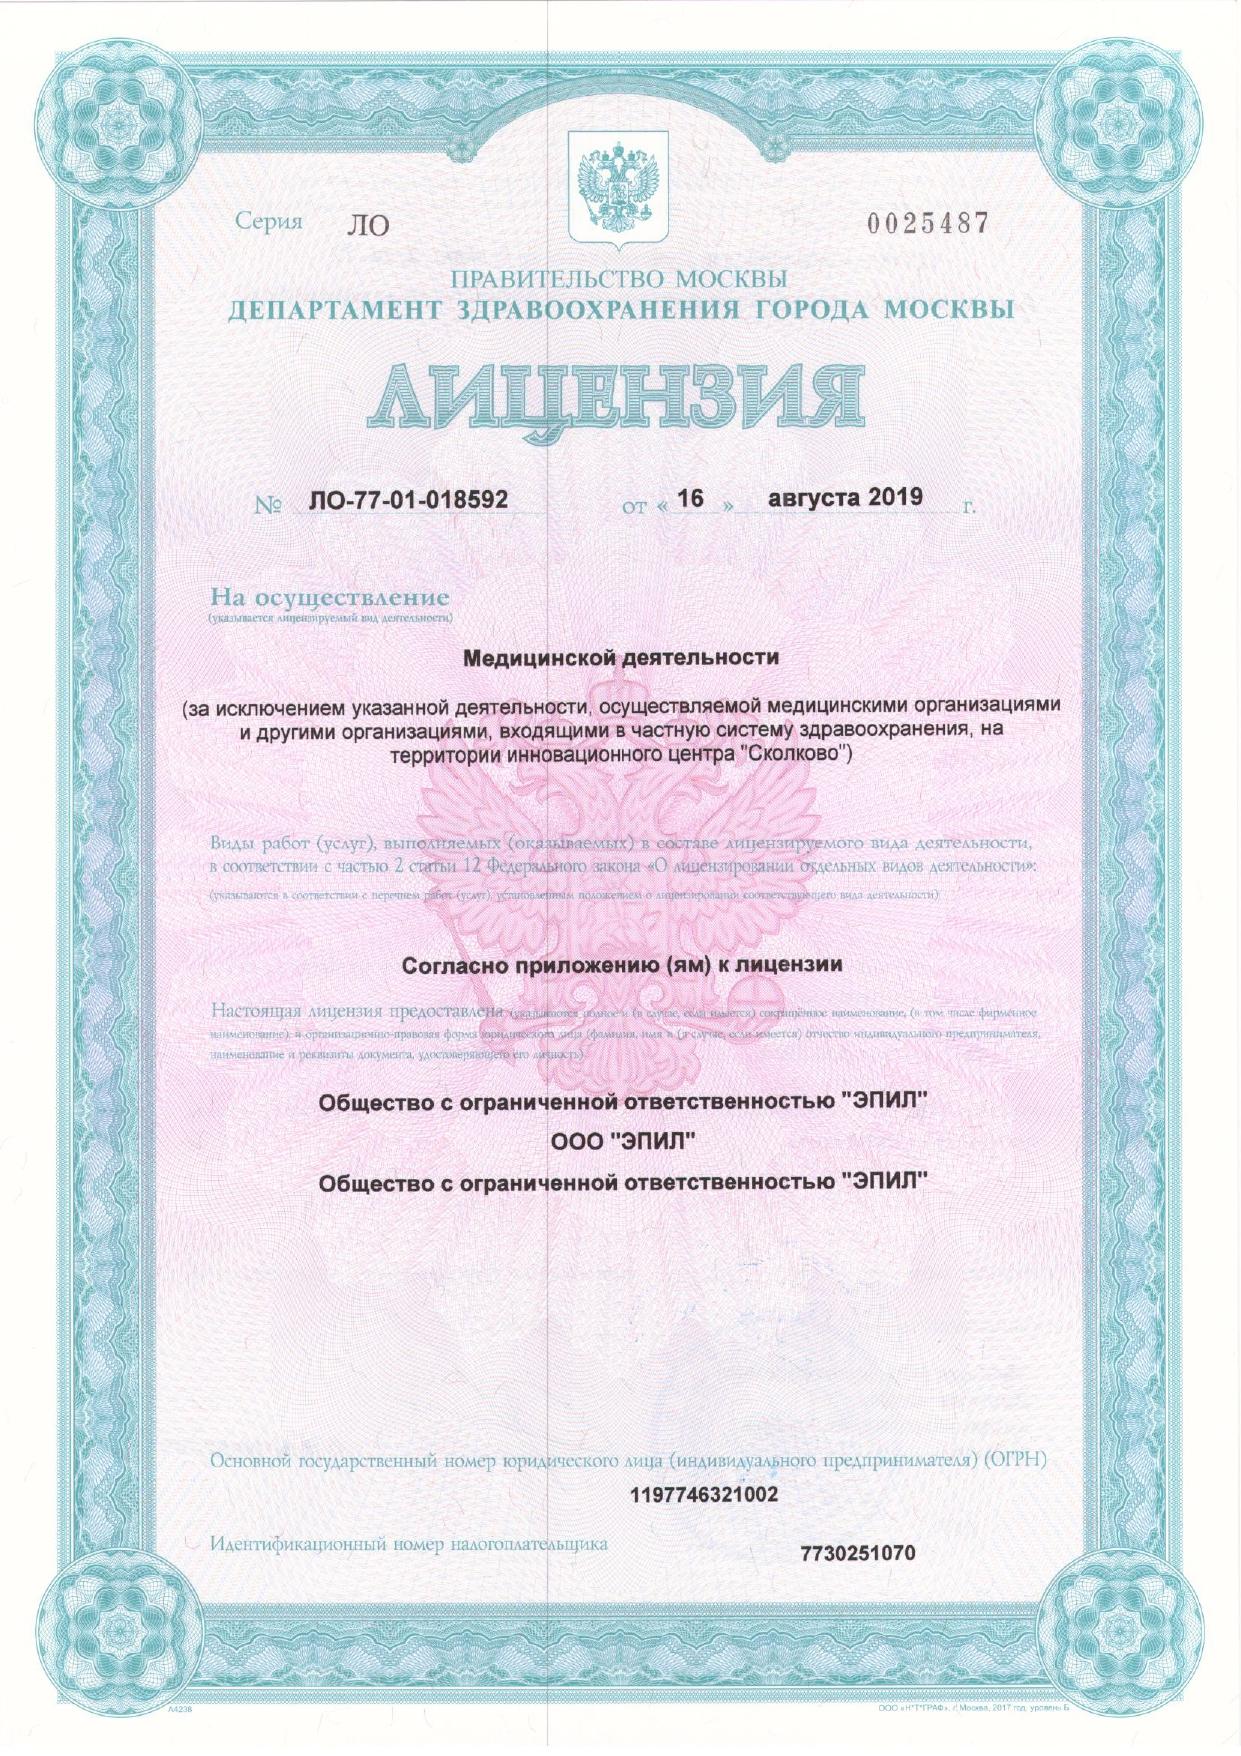 Лицензия_ЭПИЛ_page-0001